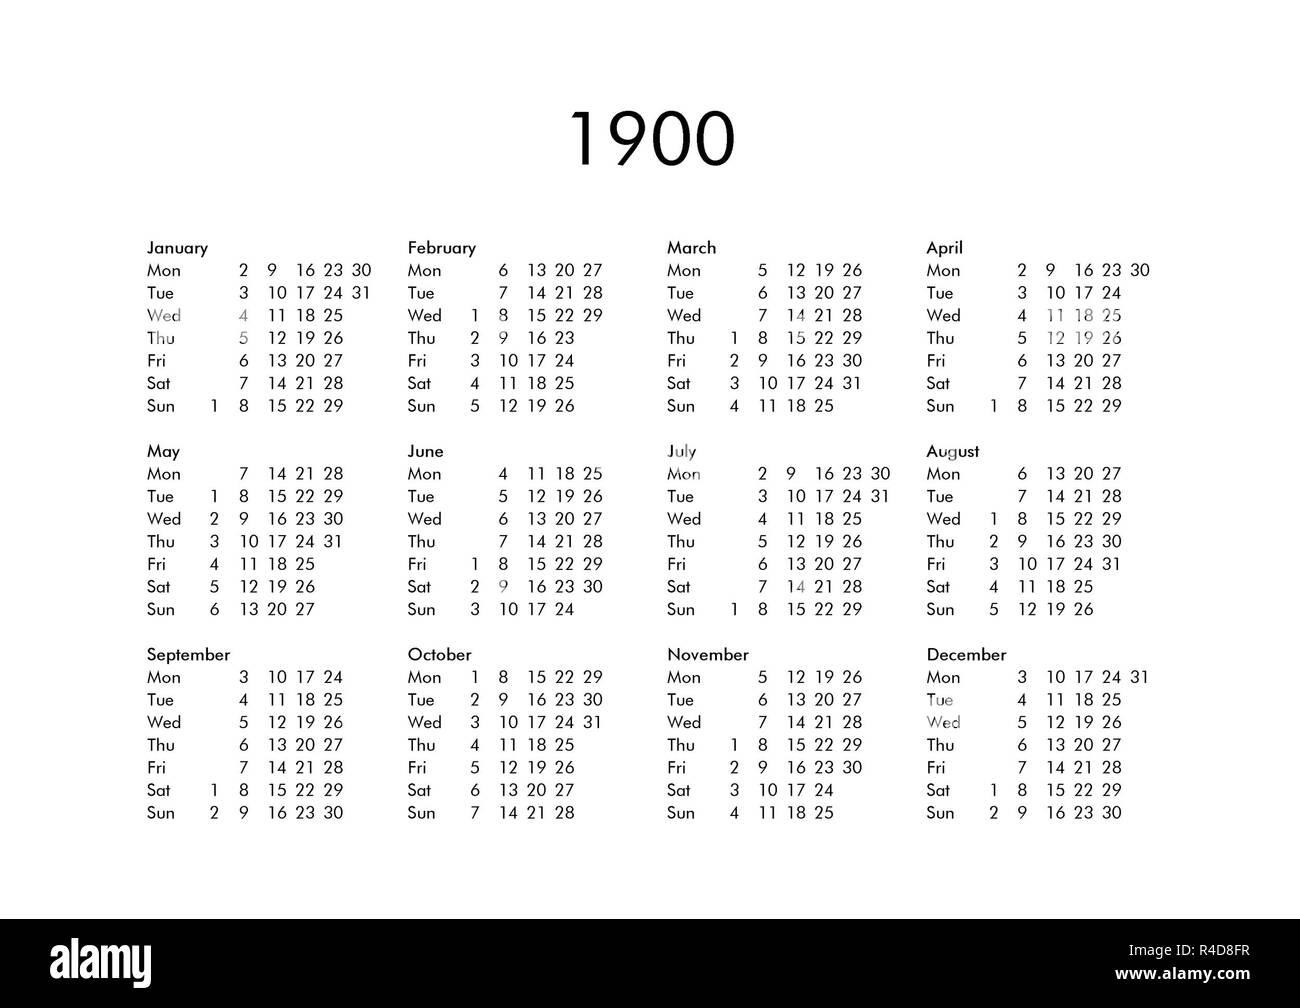 Calendario 1900.Calendar Of Year 1900 Stock Photo 226485499 Alamy